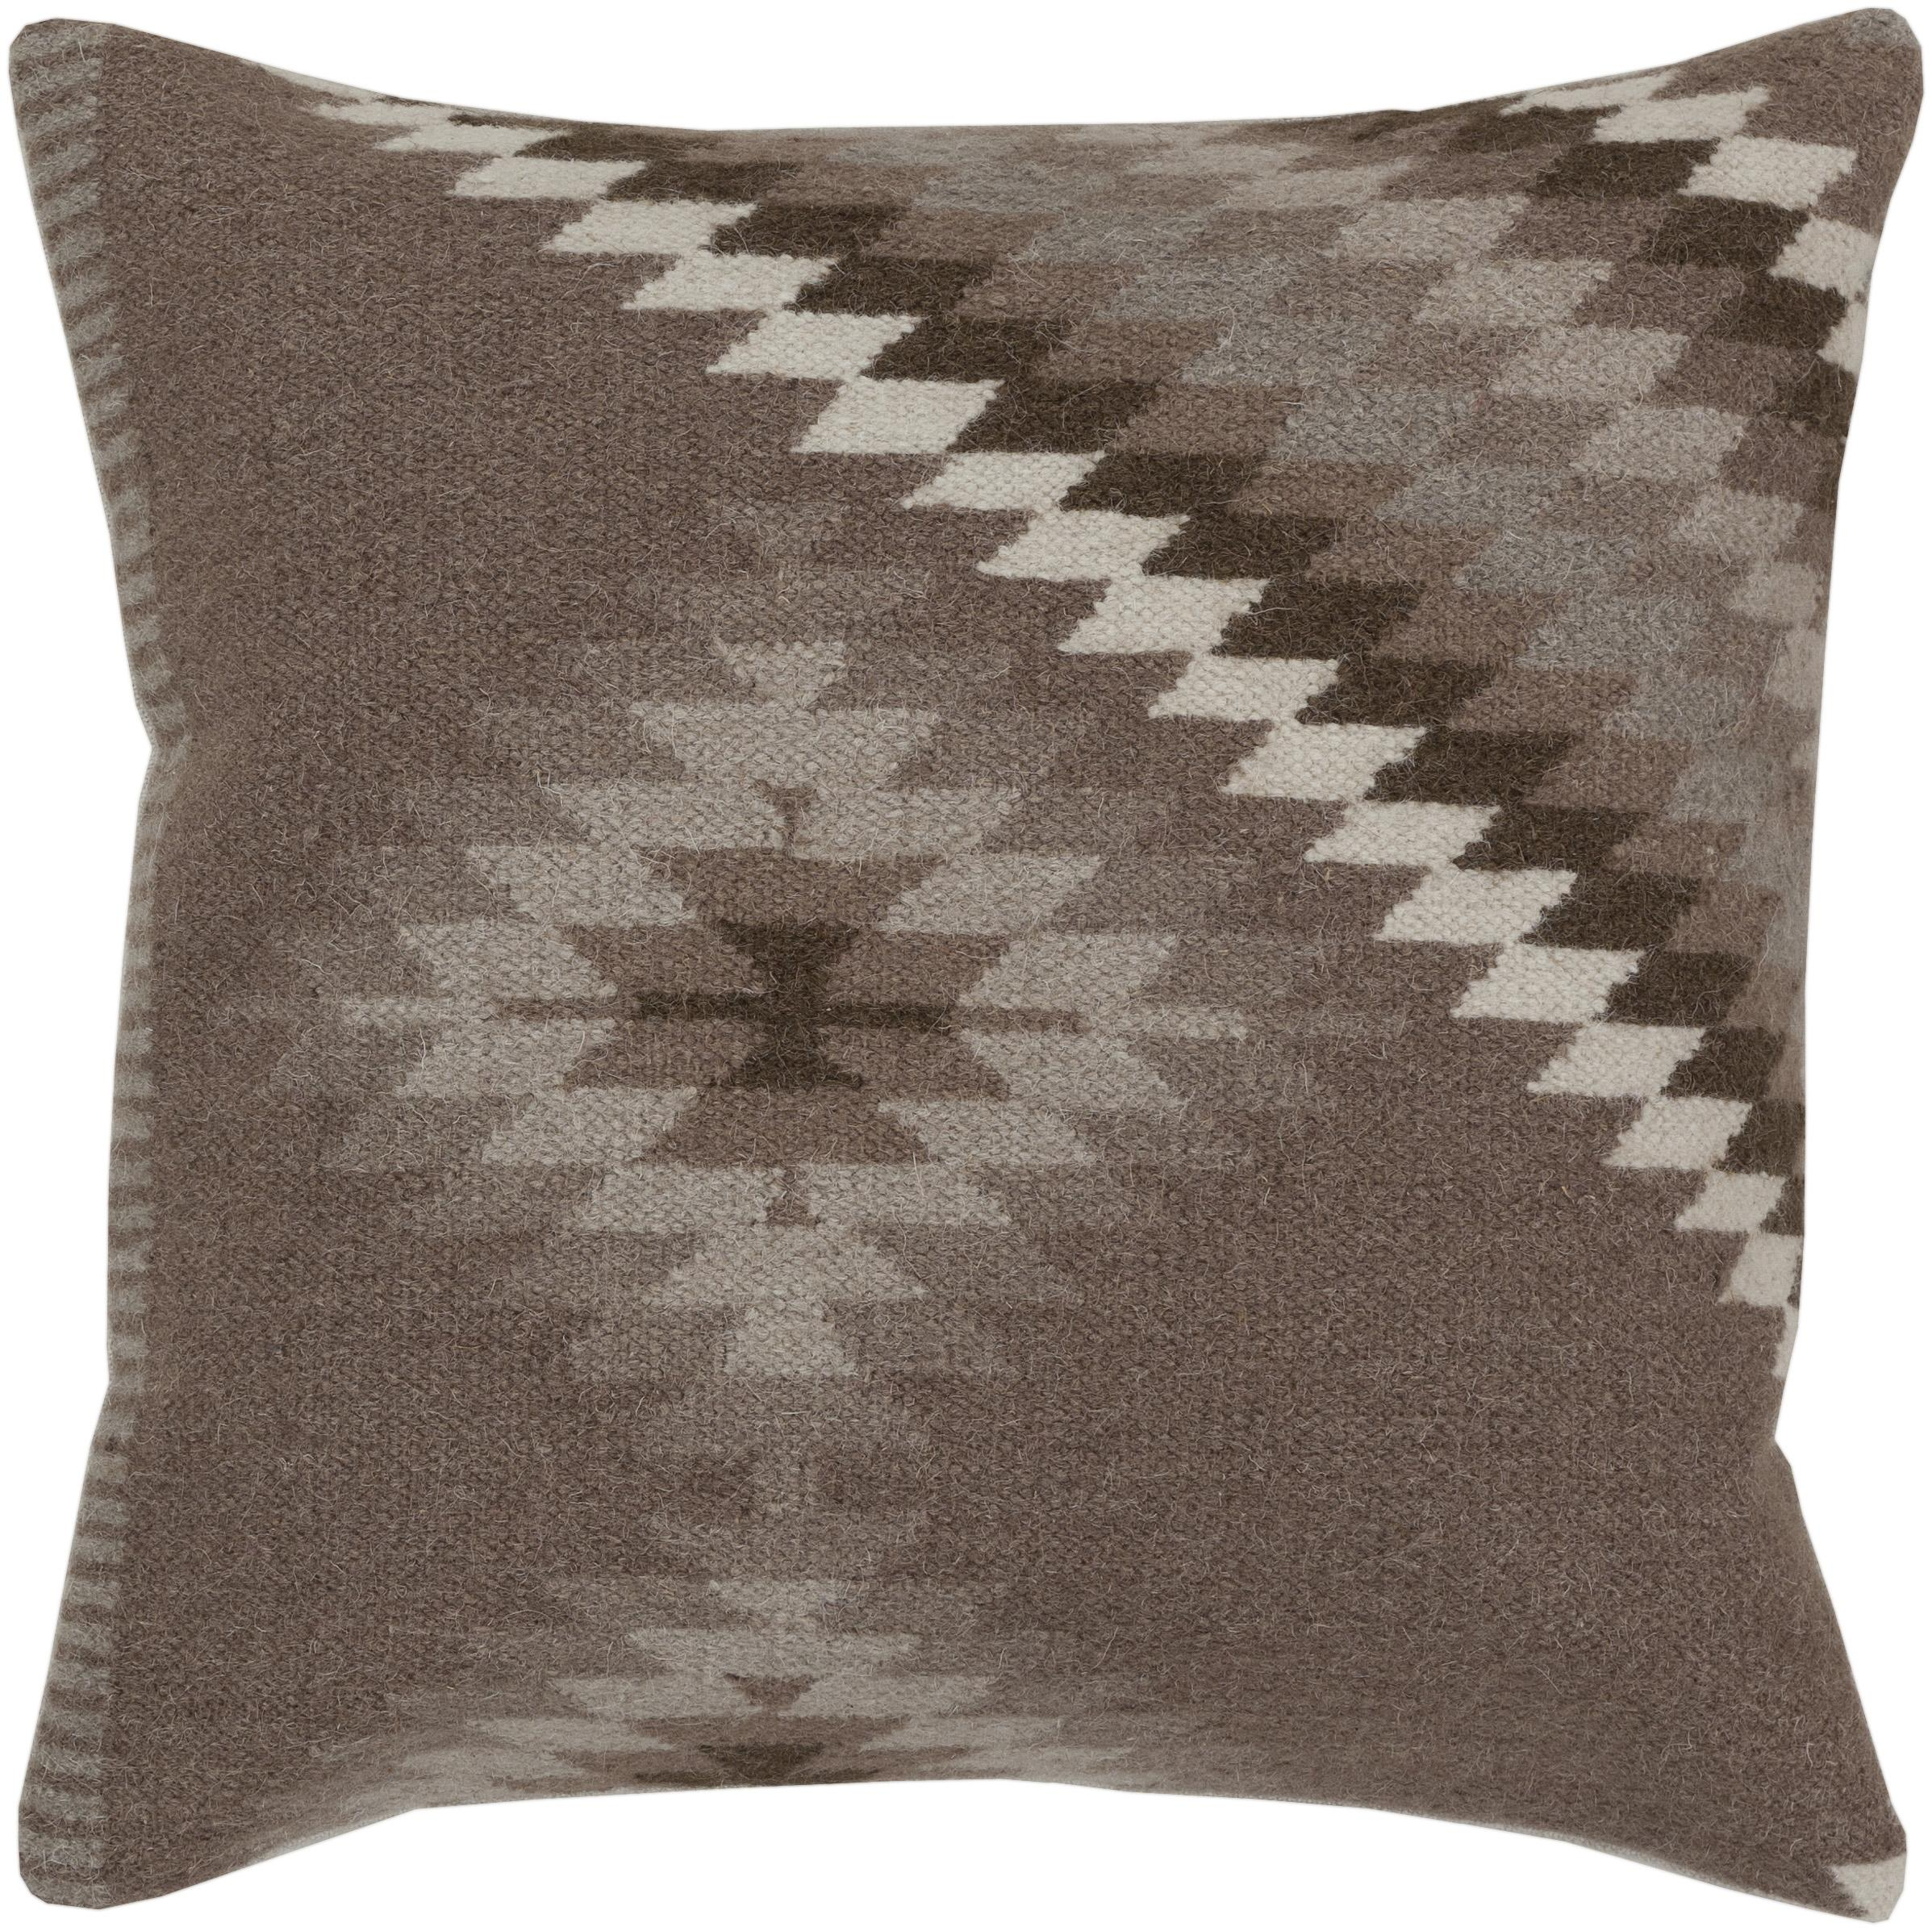 """Surya Rugs Pillows 22"""" x 22"""" Pillow - Item Number: LD038-2222P"""